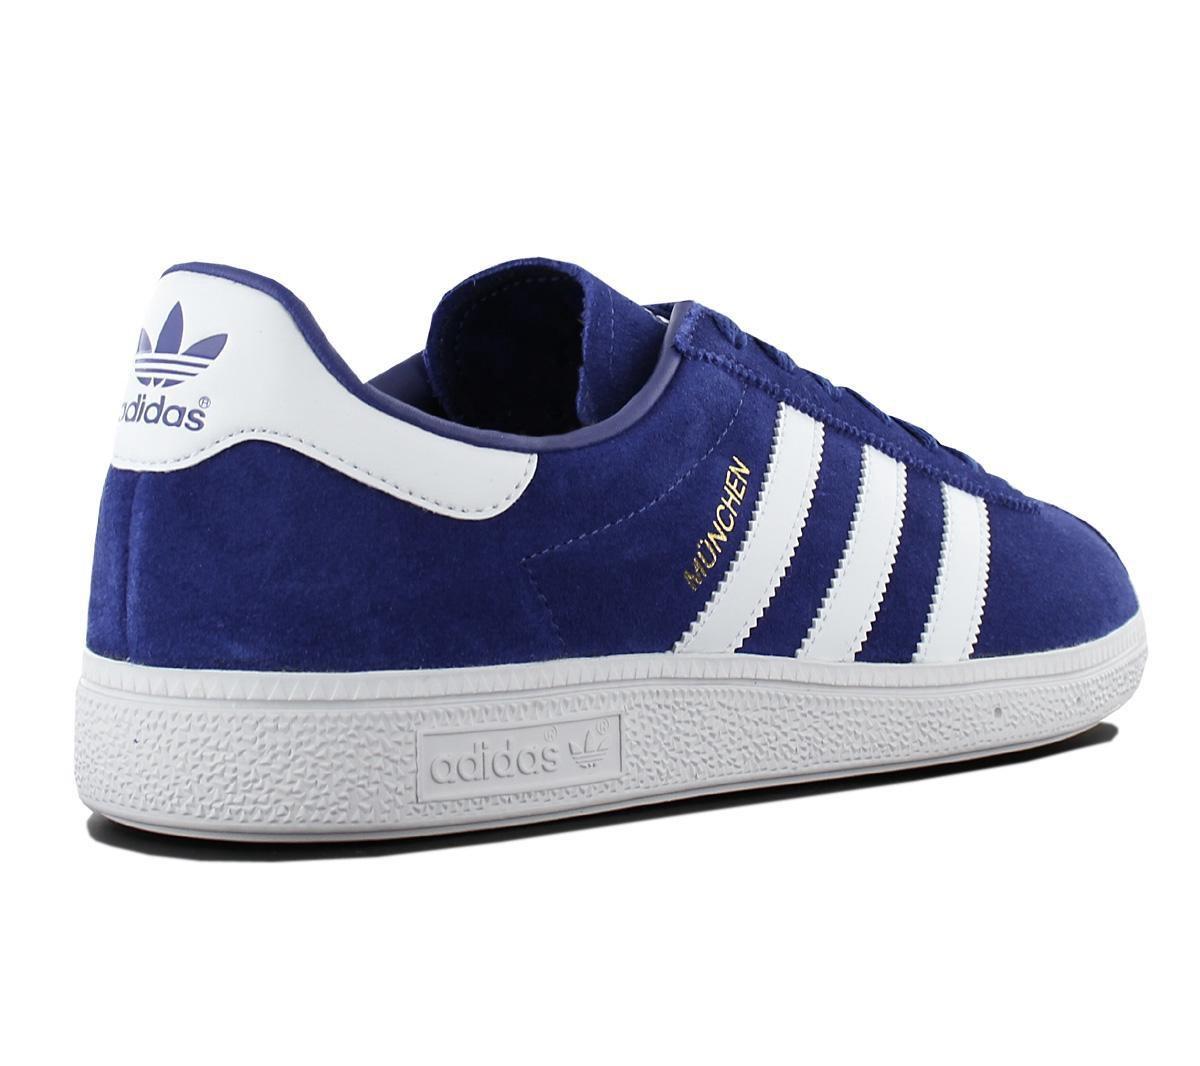 adidas Originals Munchen BY9787 Heren Sneaker Sportschoenen Schoenen Blauw Maat EU 40 23 UK 7